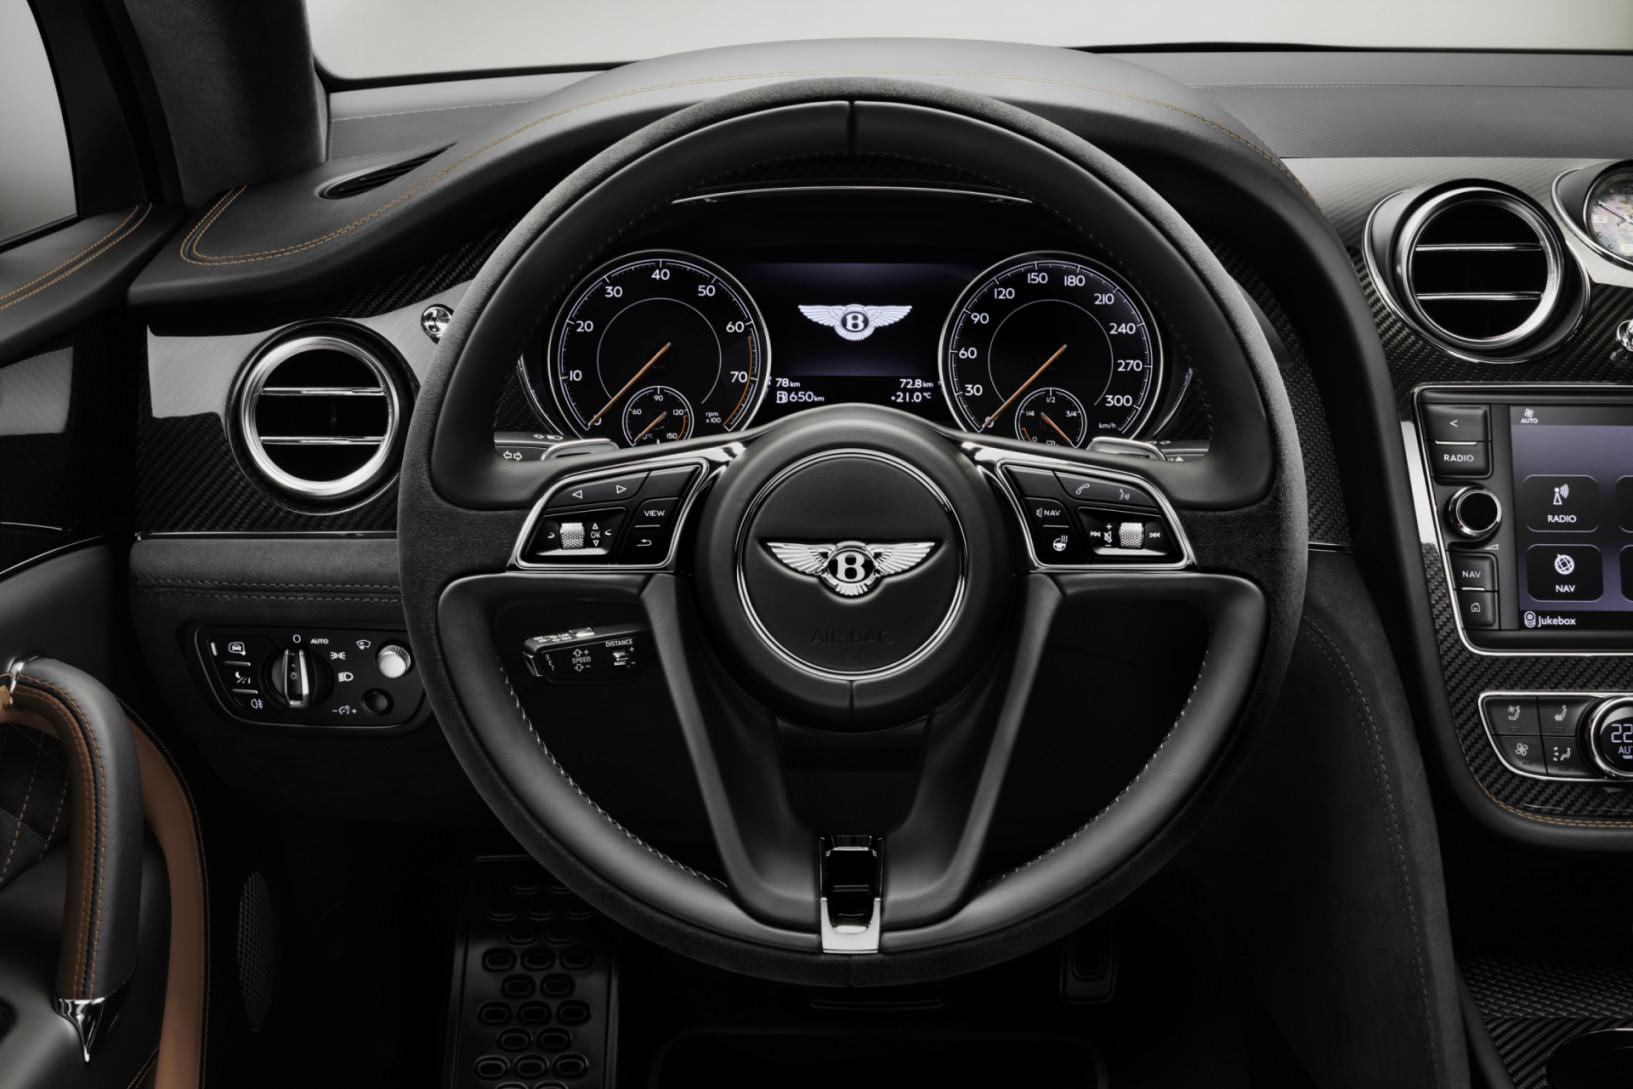 2020 Bentayga Steering Wheel